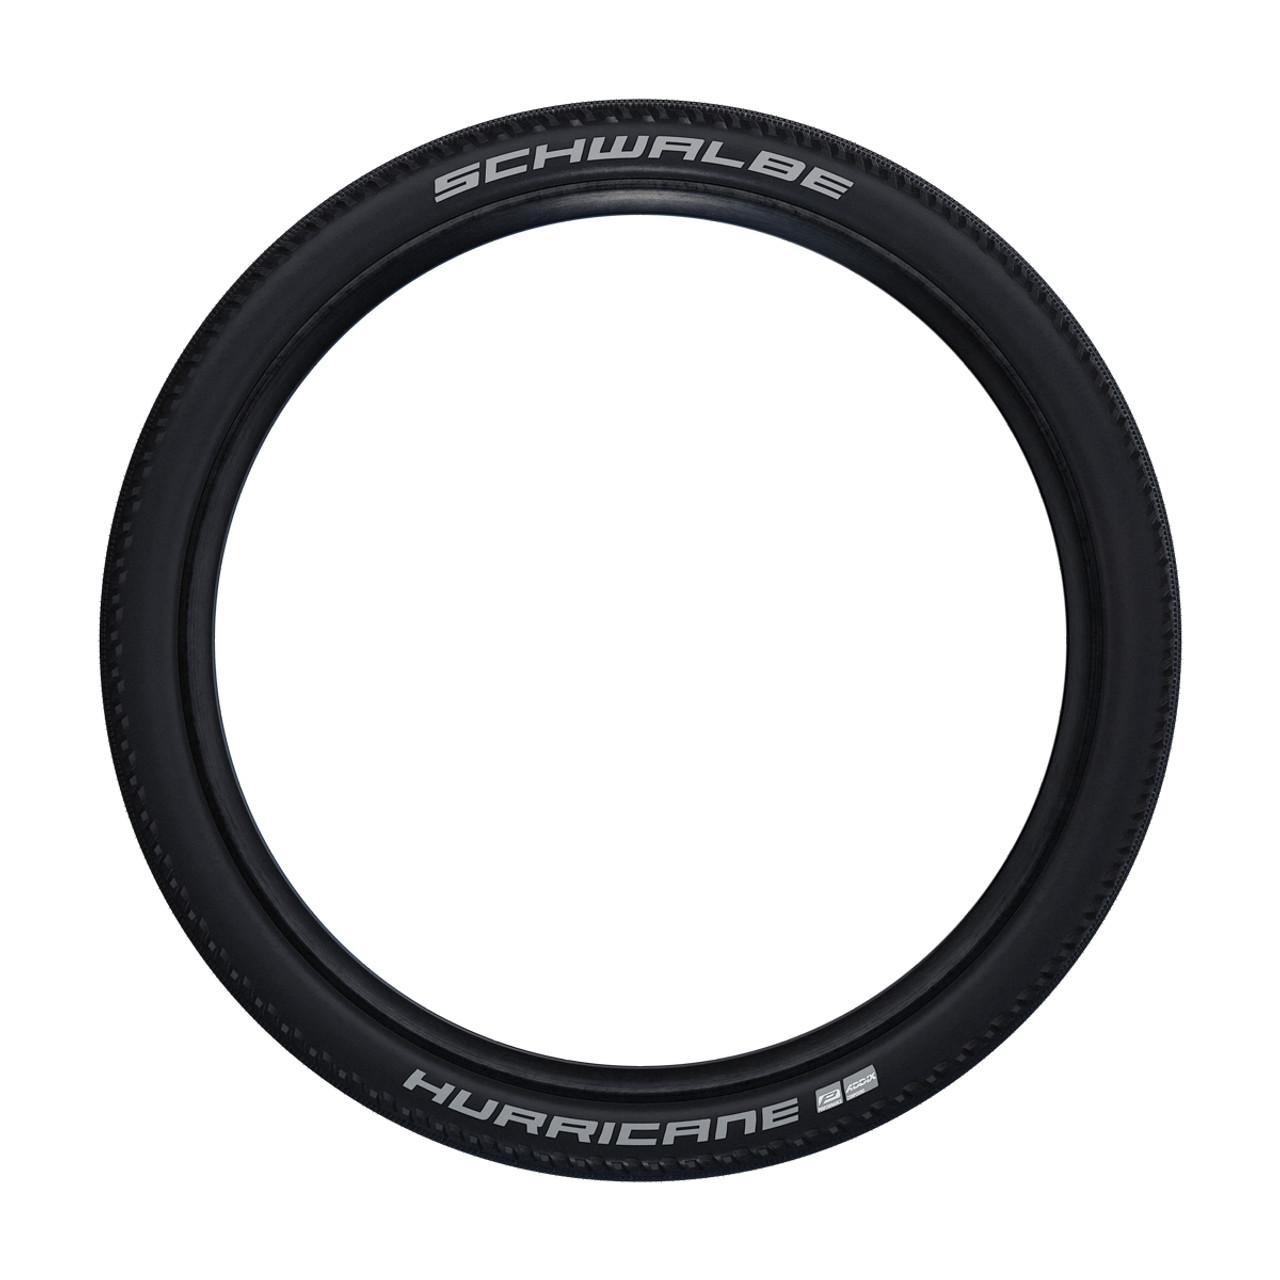 Schwalbe Hurricane Addix Performance Wired Tyre In Black/Reflex